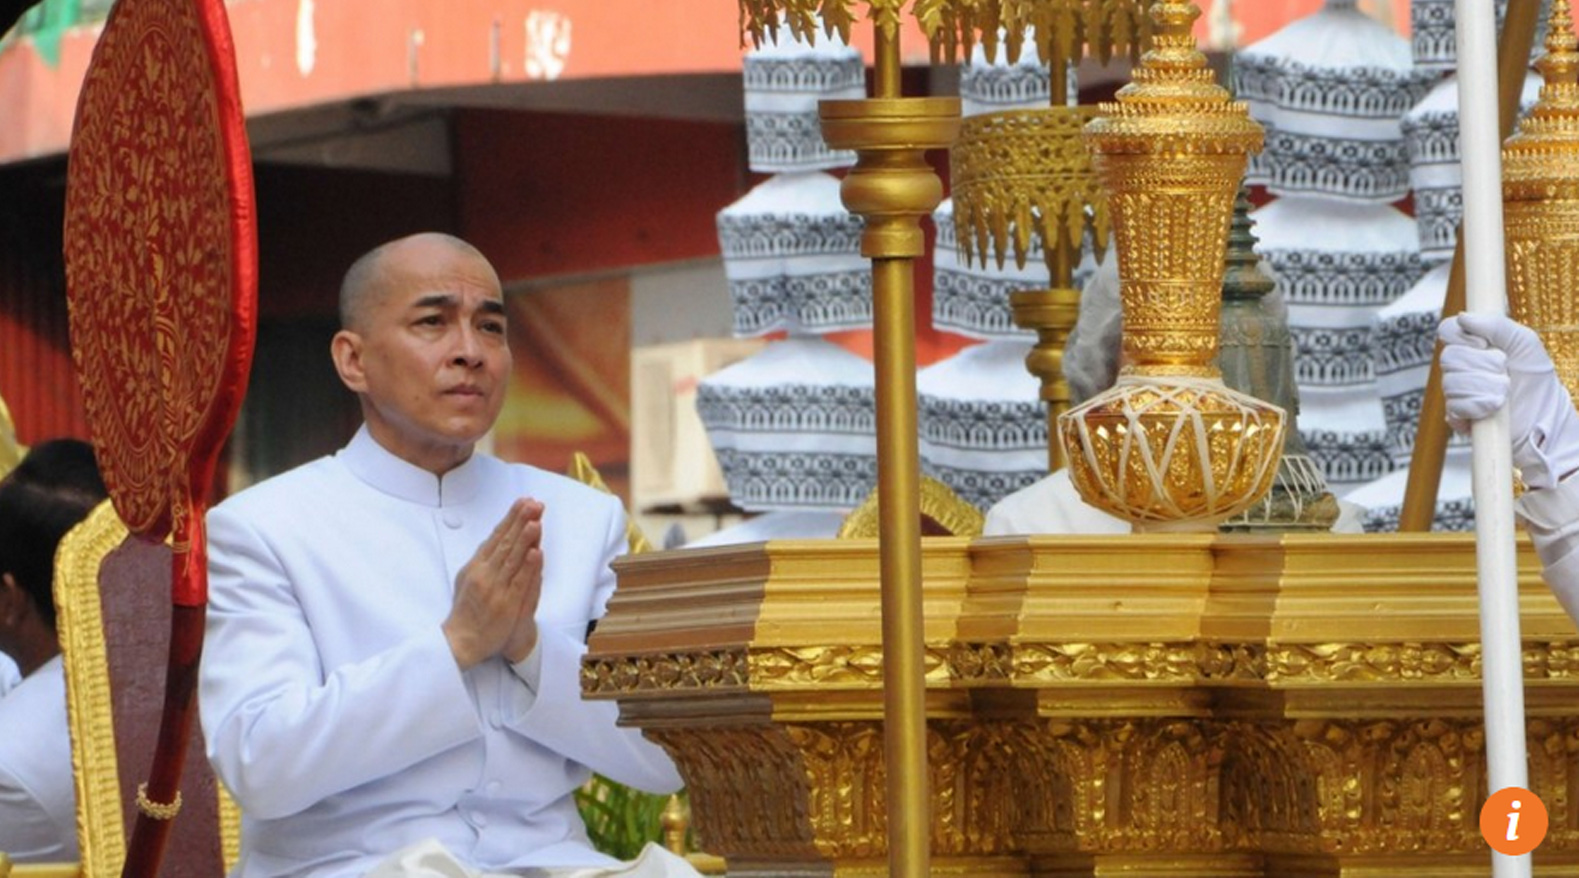 Cambodia coi việc chỉ trích nhà vua là tội hình sự